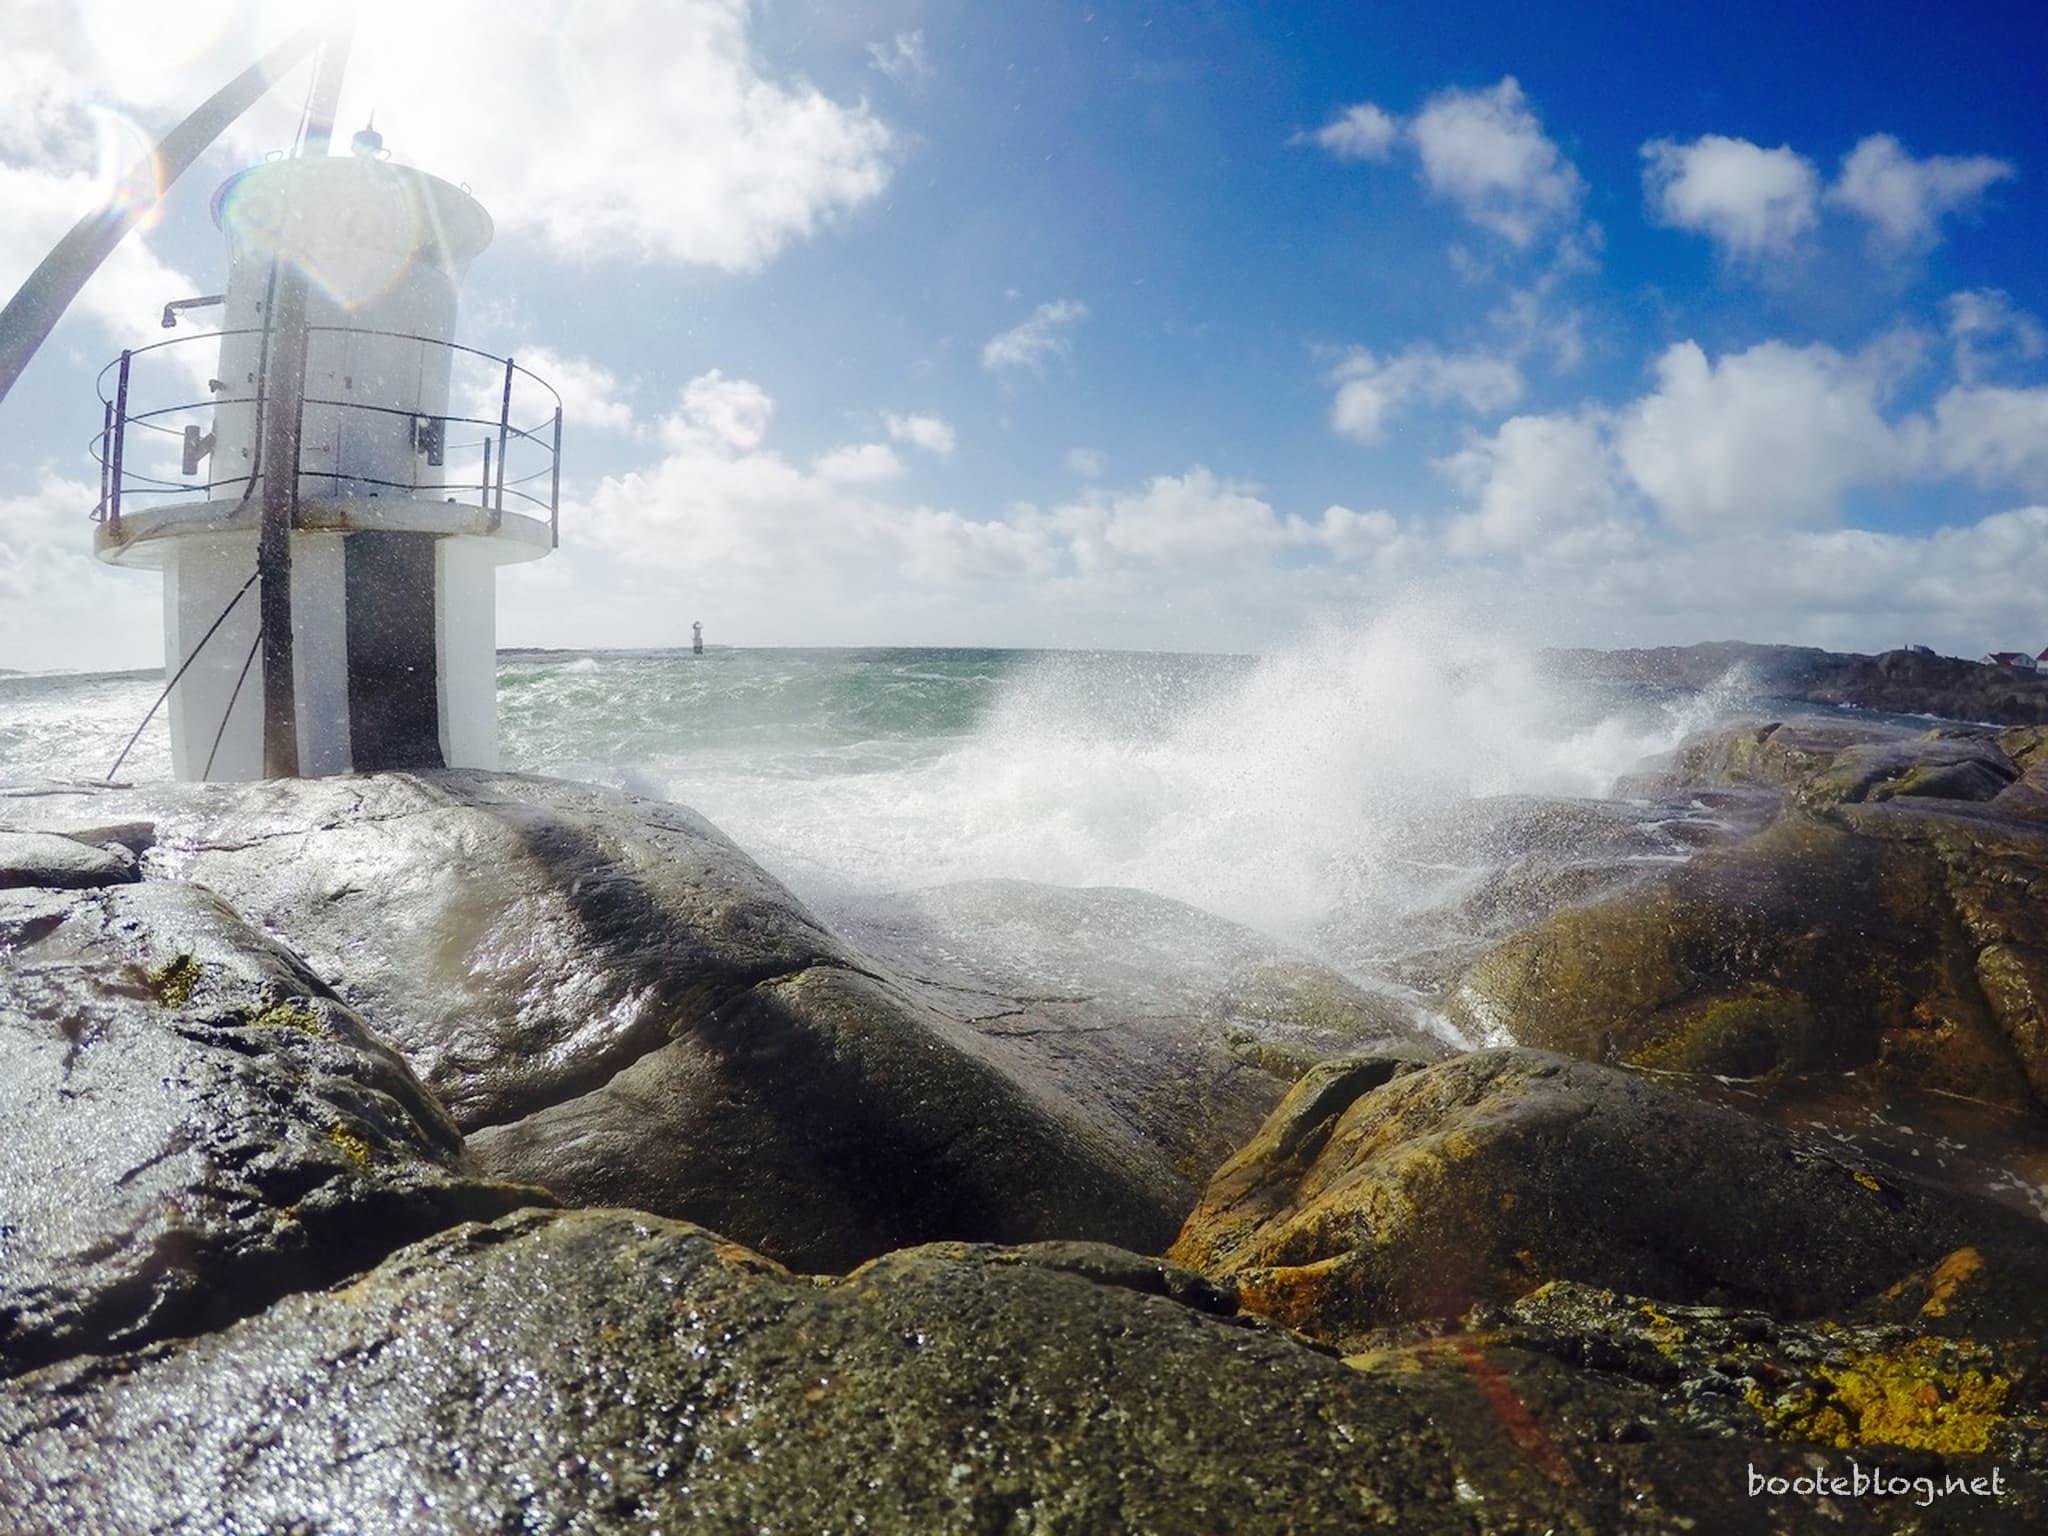 Wellen brechen sich auf den Schären. Im Sturm auf Hönö Klåva.